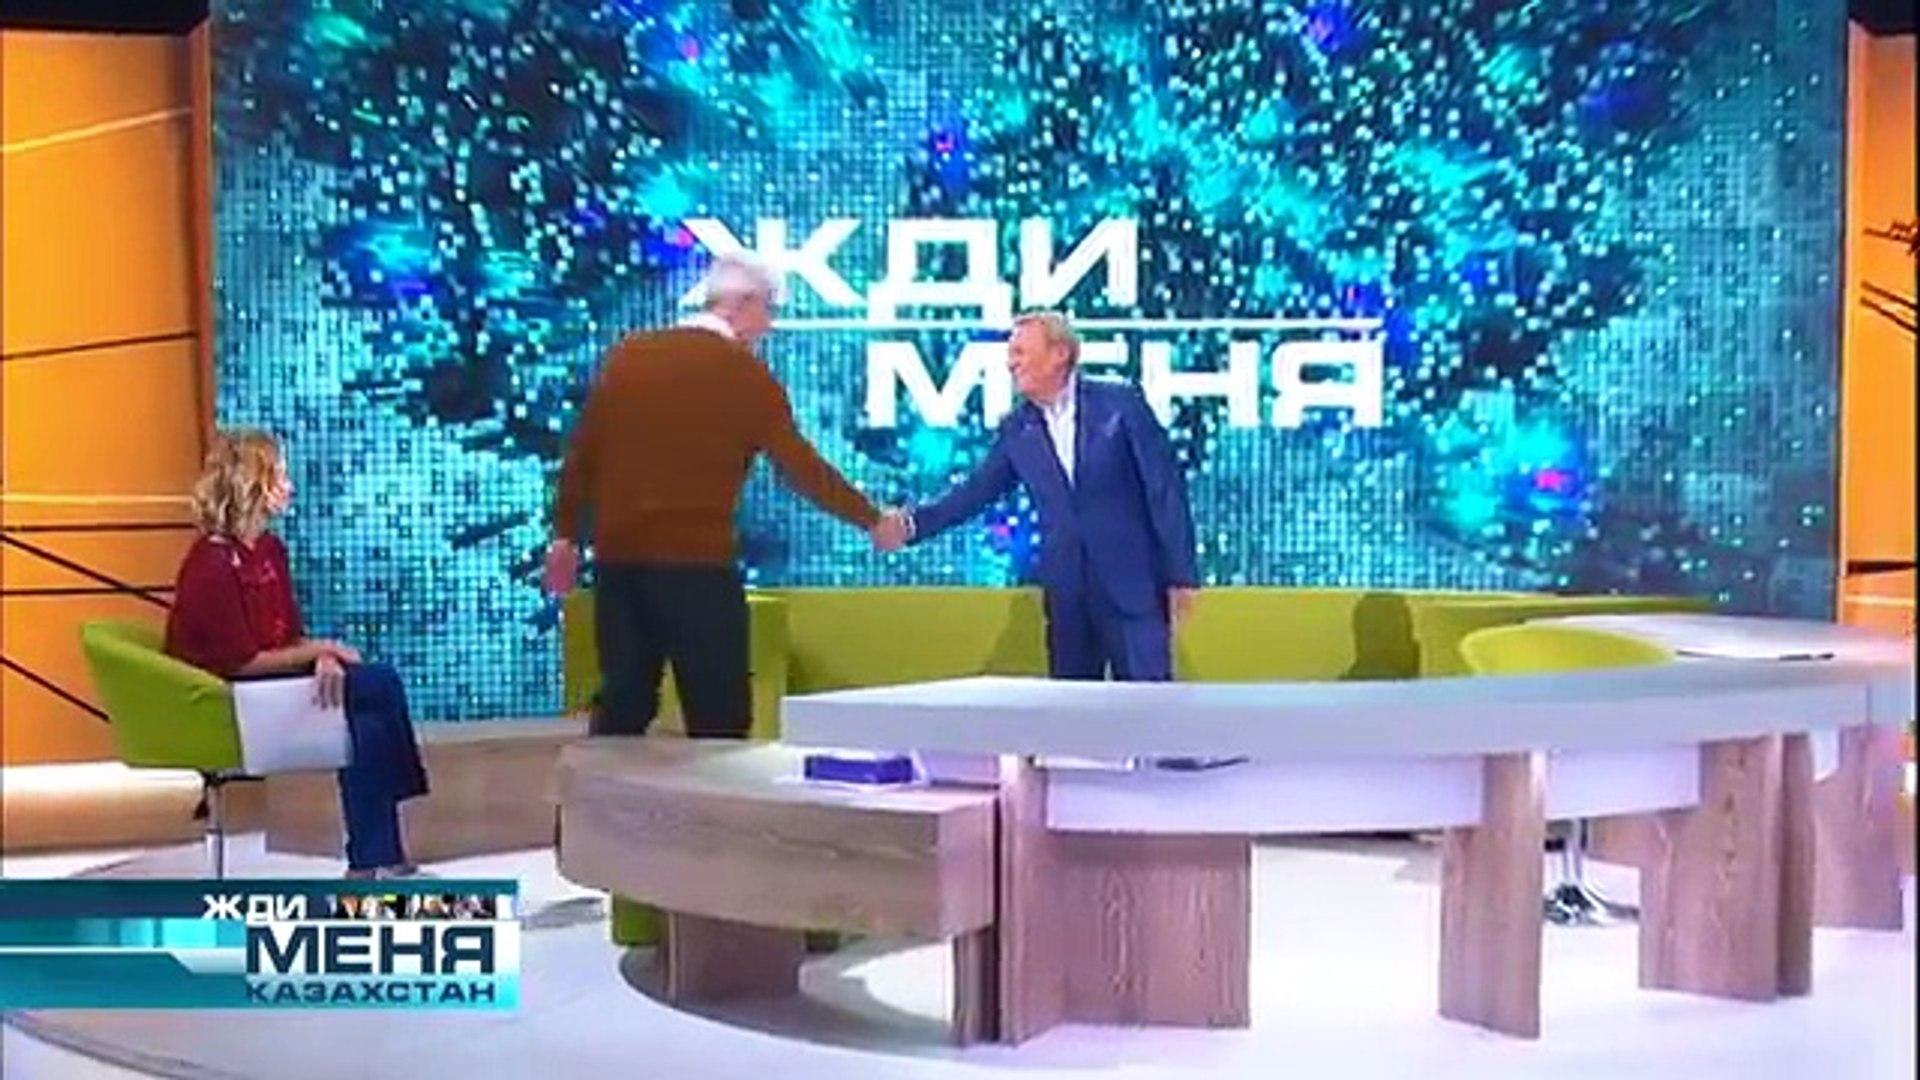 Жди меня Казахстан 30.03.2018. Эфир 30 марта 2018 (1 канал Евразия)